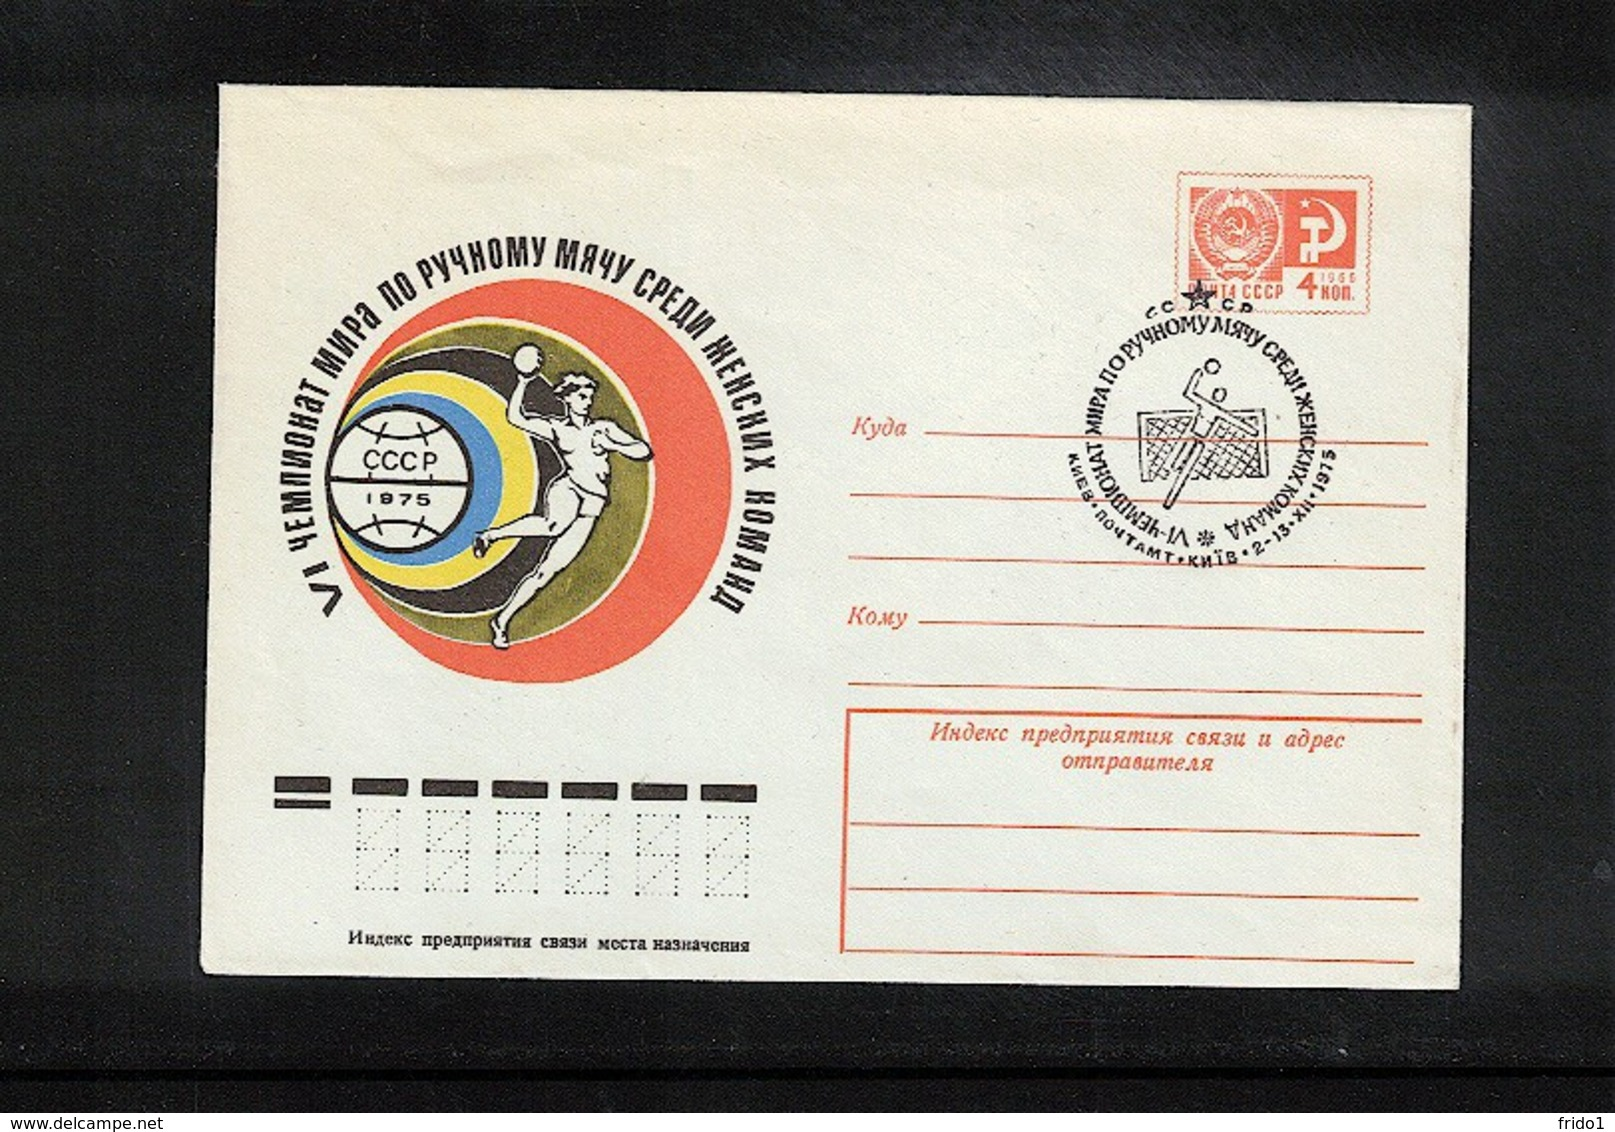 Russia SSSR 1975 Handball Championship Interesting Cover - Handball